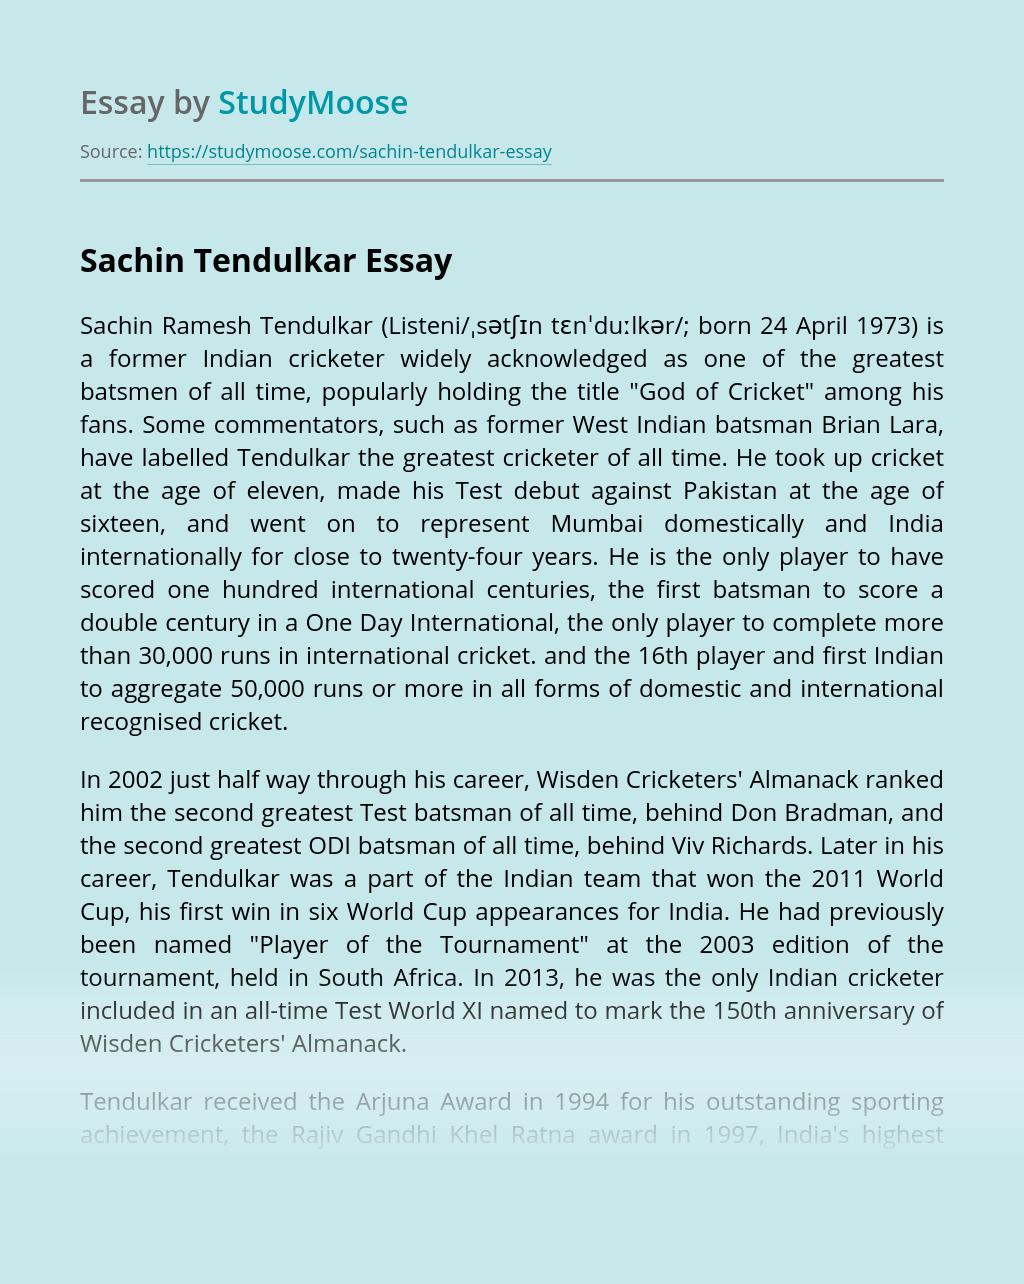 Sachin Tendulkar: Indian Sport Legend